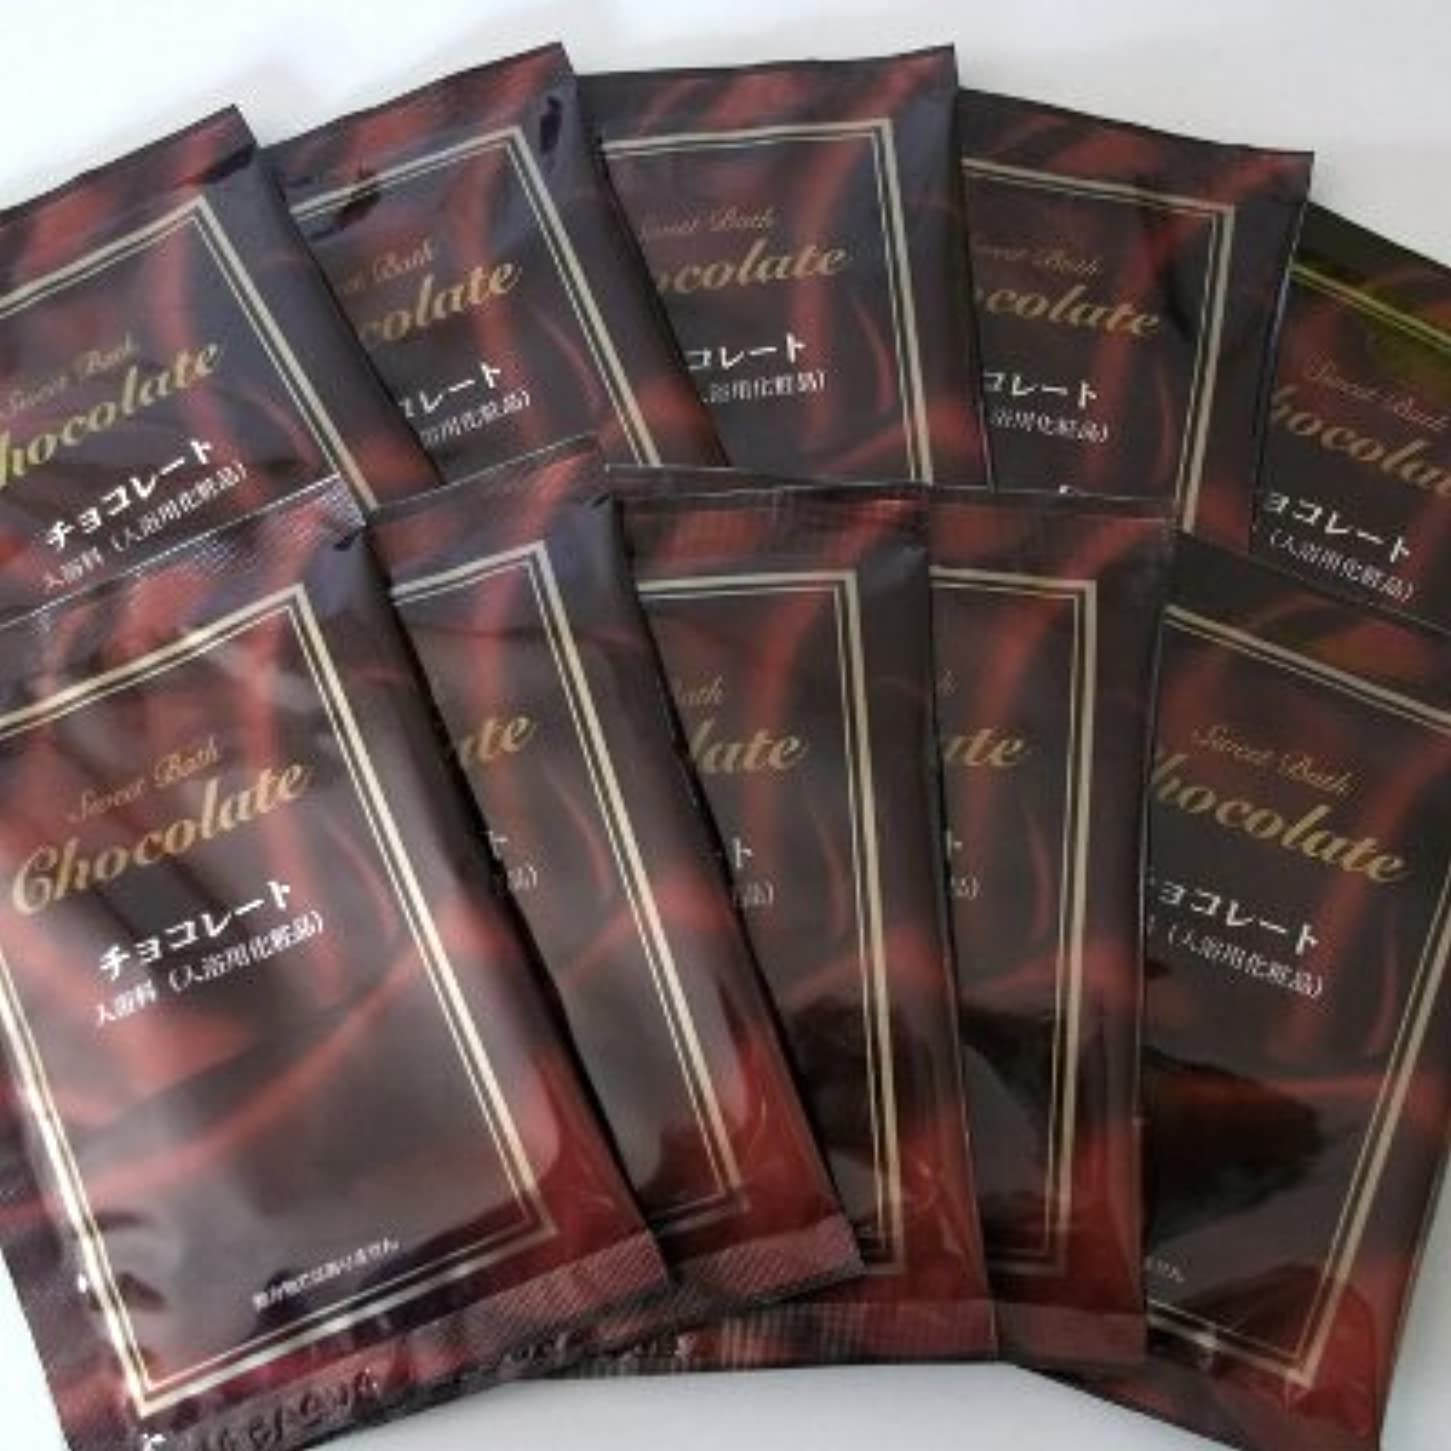 貸し手ボリュームオーストラリア人スイートバス チョコレートの香り 10包セット